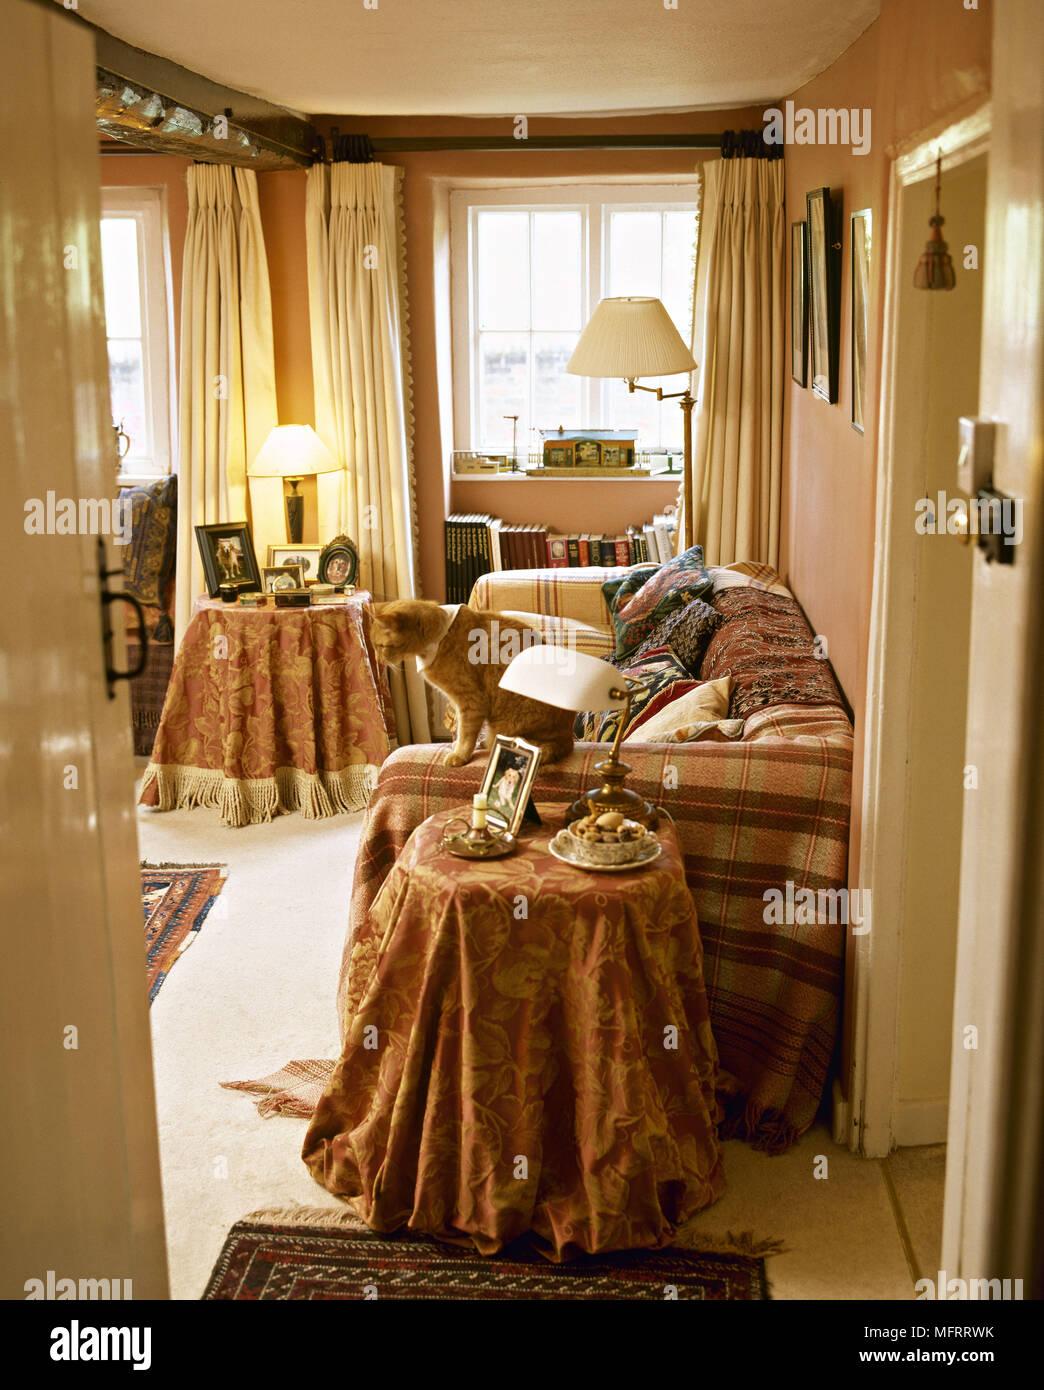 Katze Im Wohnzimmer Mit Fenster Mit Vorhängen Mit Stoff Bezogenen